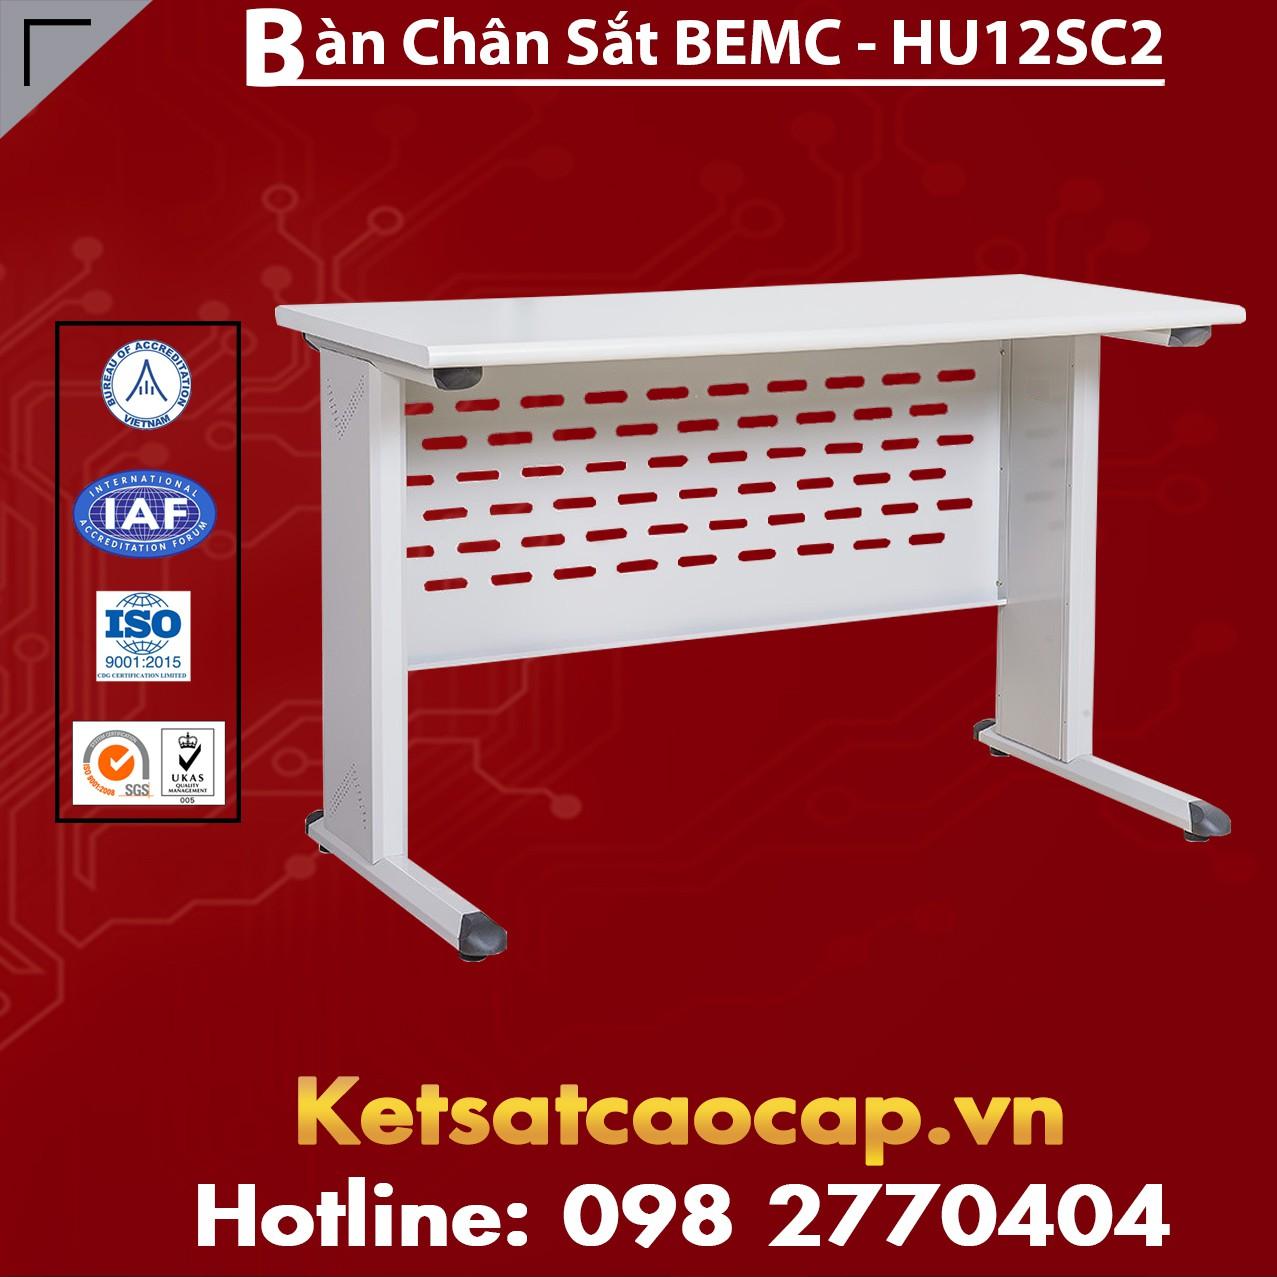 Bàn Chân Sắt BEMC - HU12SC2